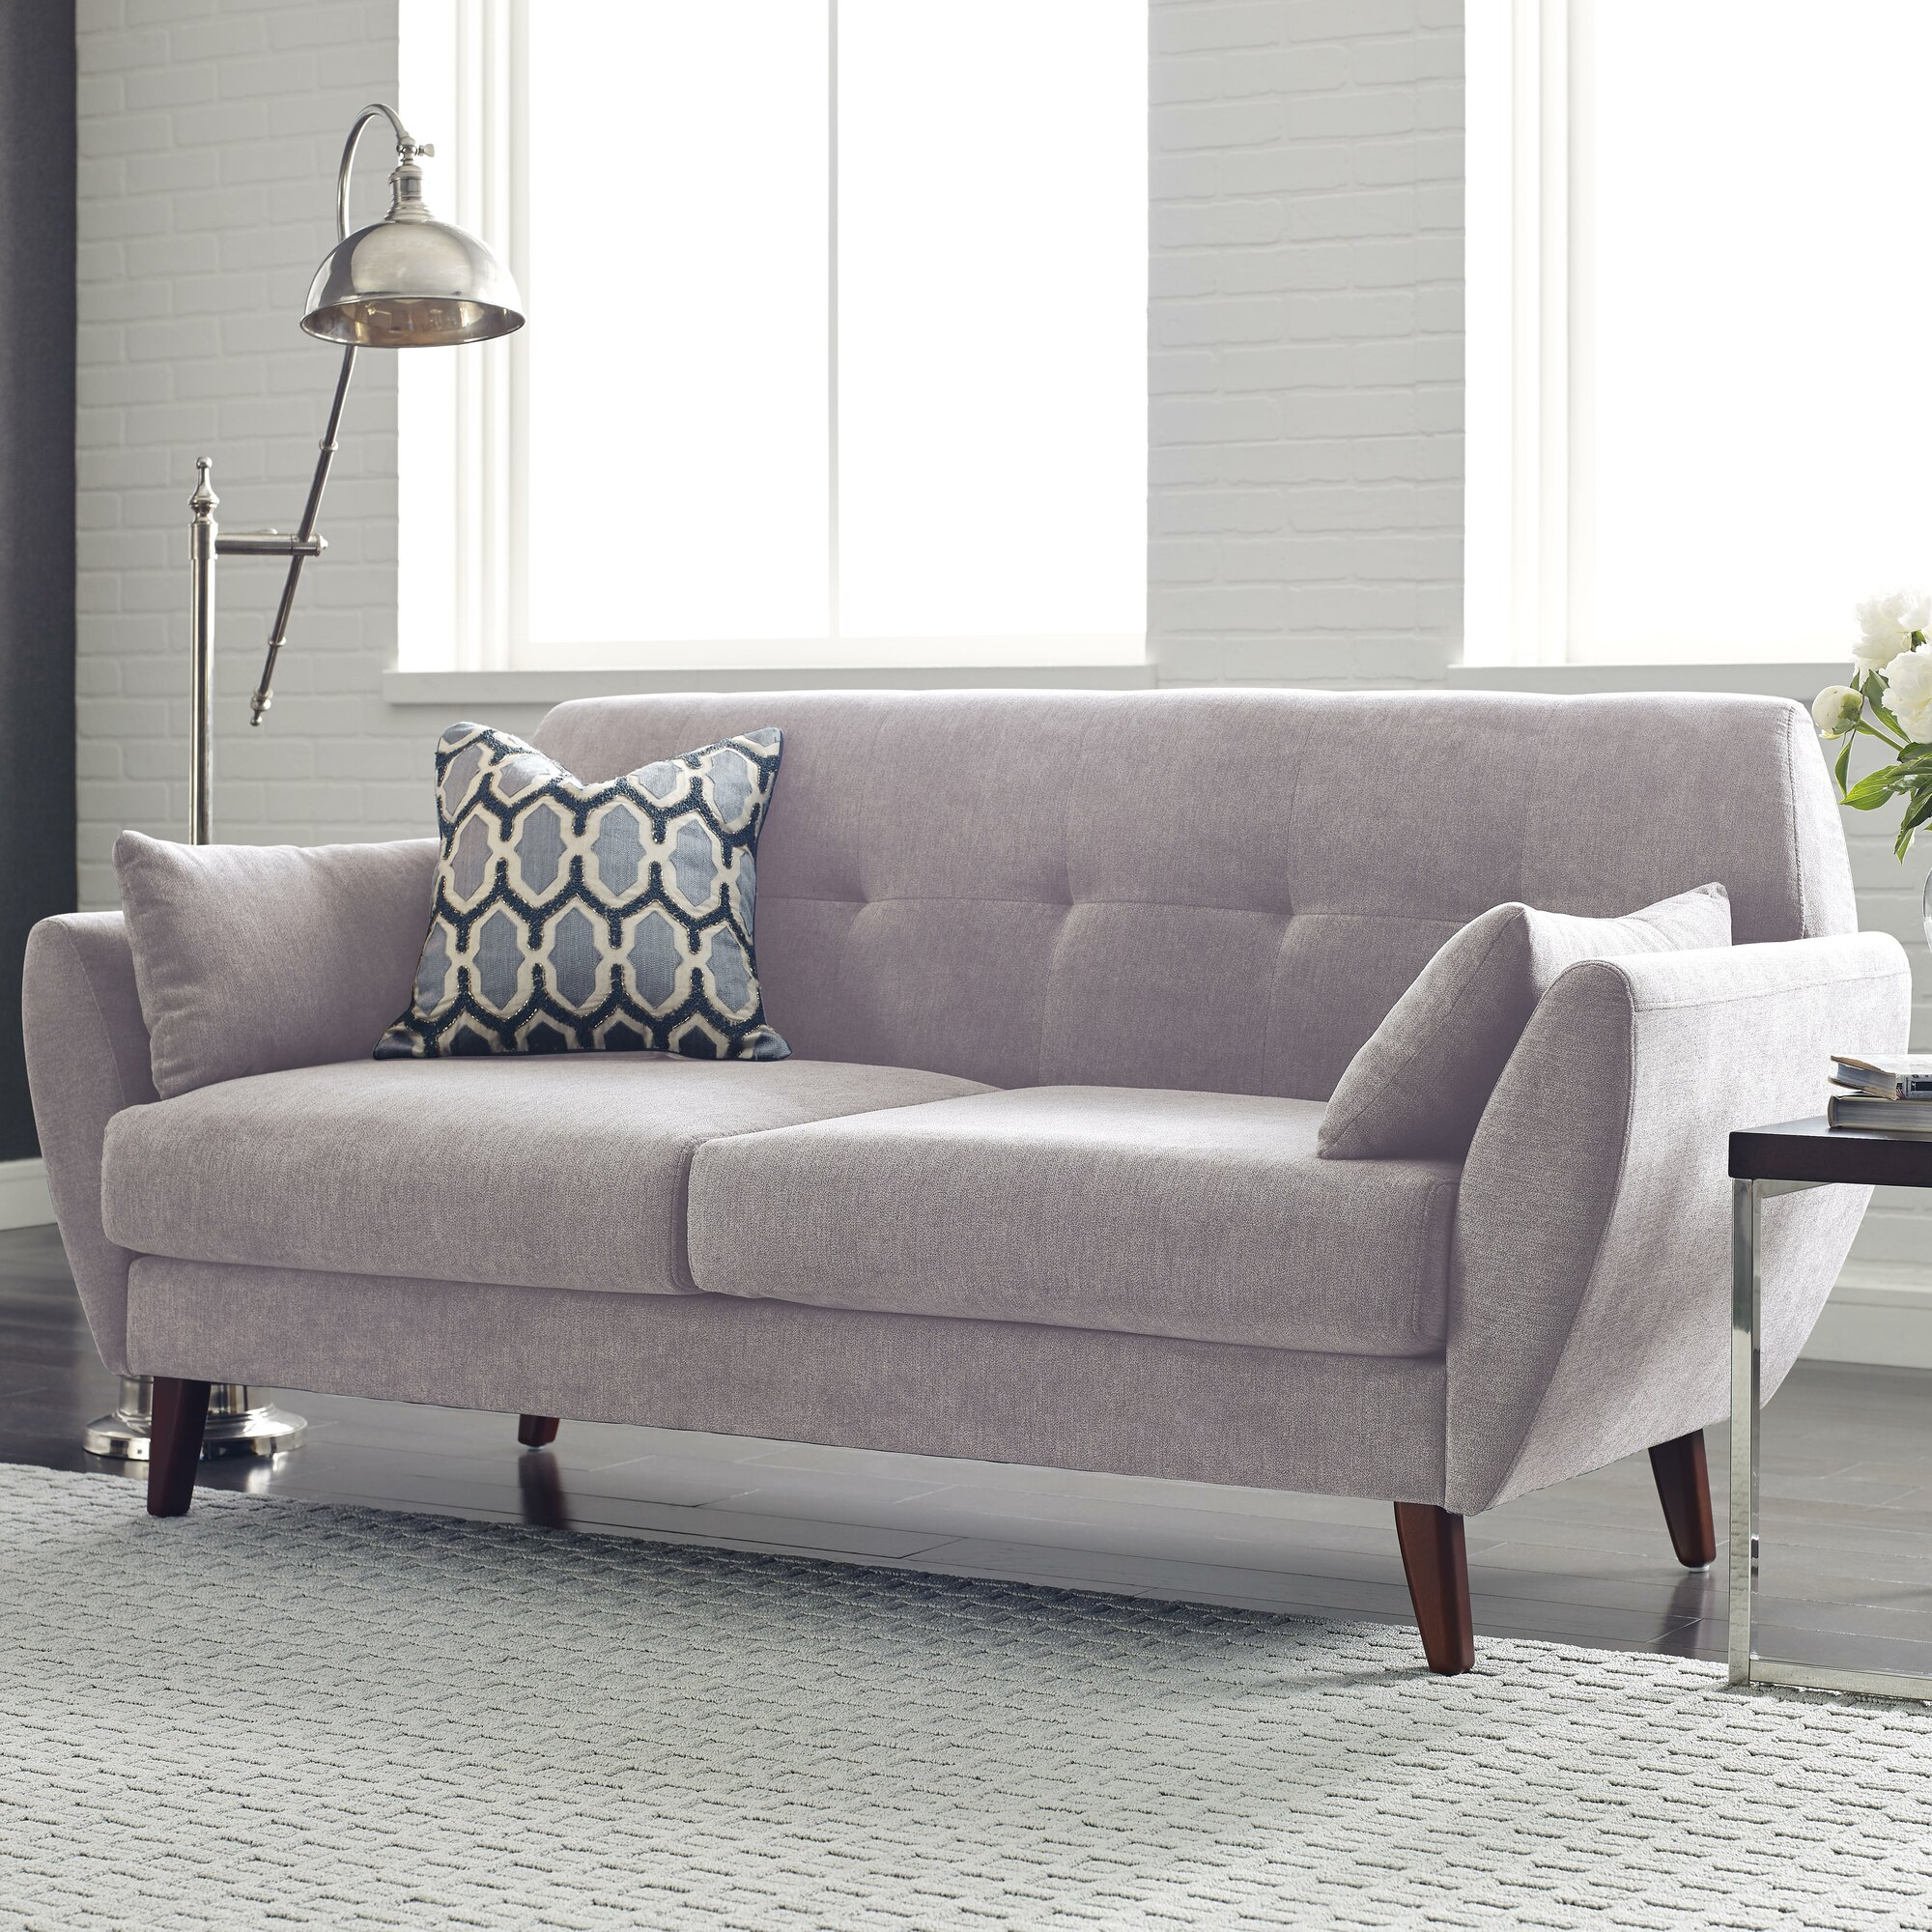 Serta at Home Artesia Sofa & Reviews